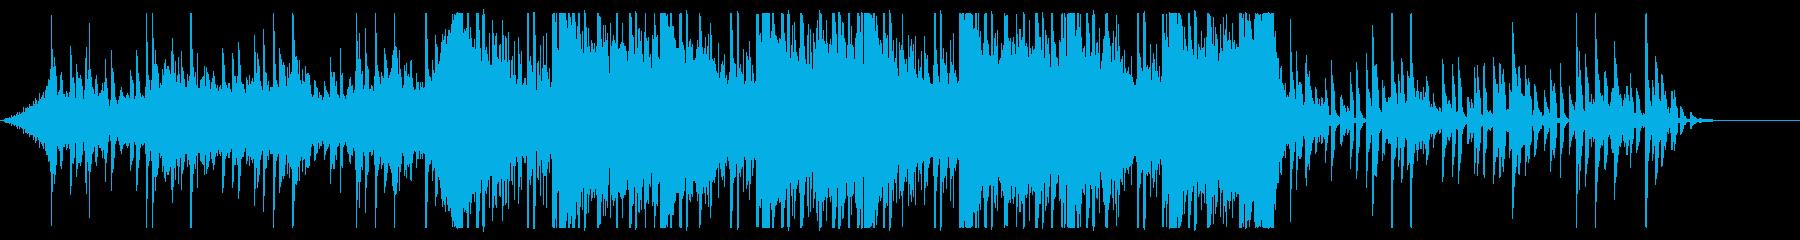 近代的で無機質なトラップ、インスタCM等の再生済みの波形